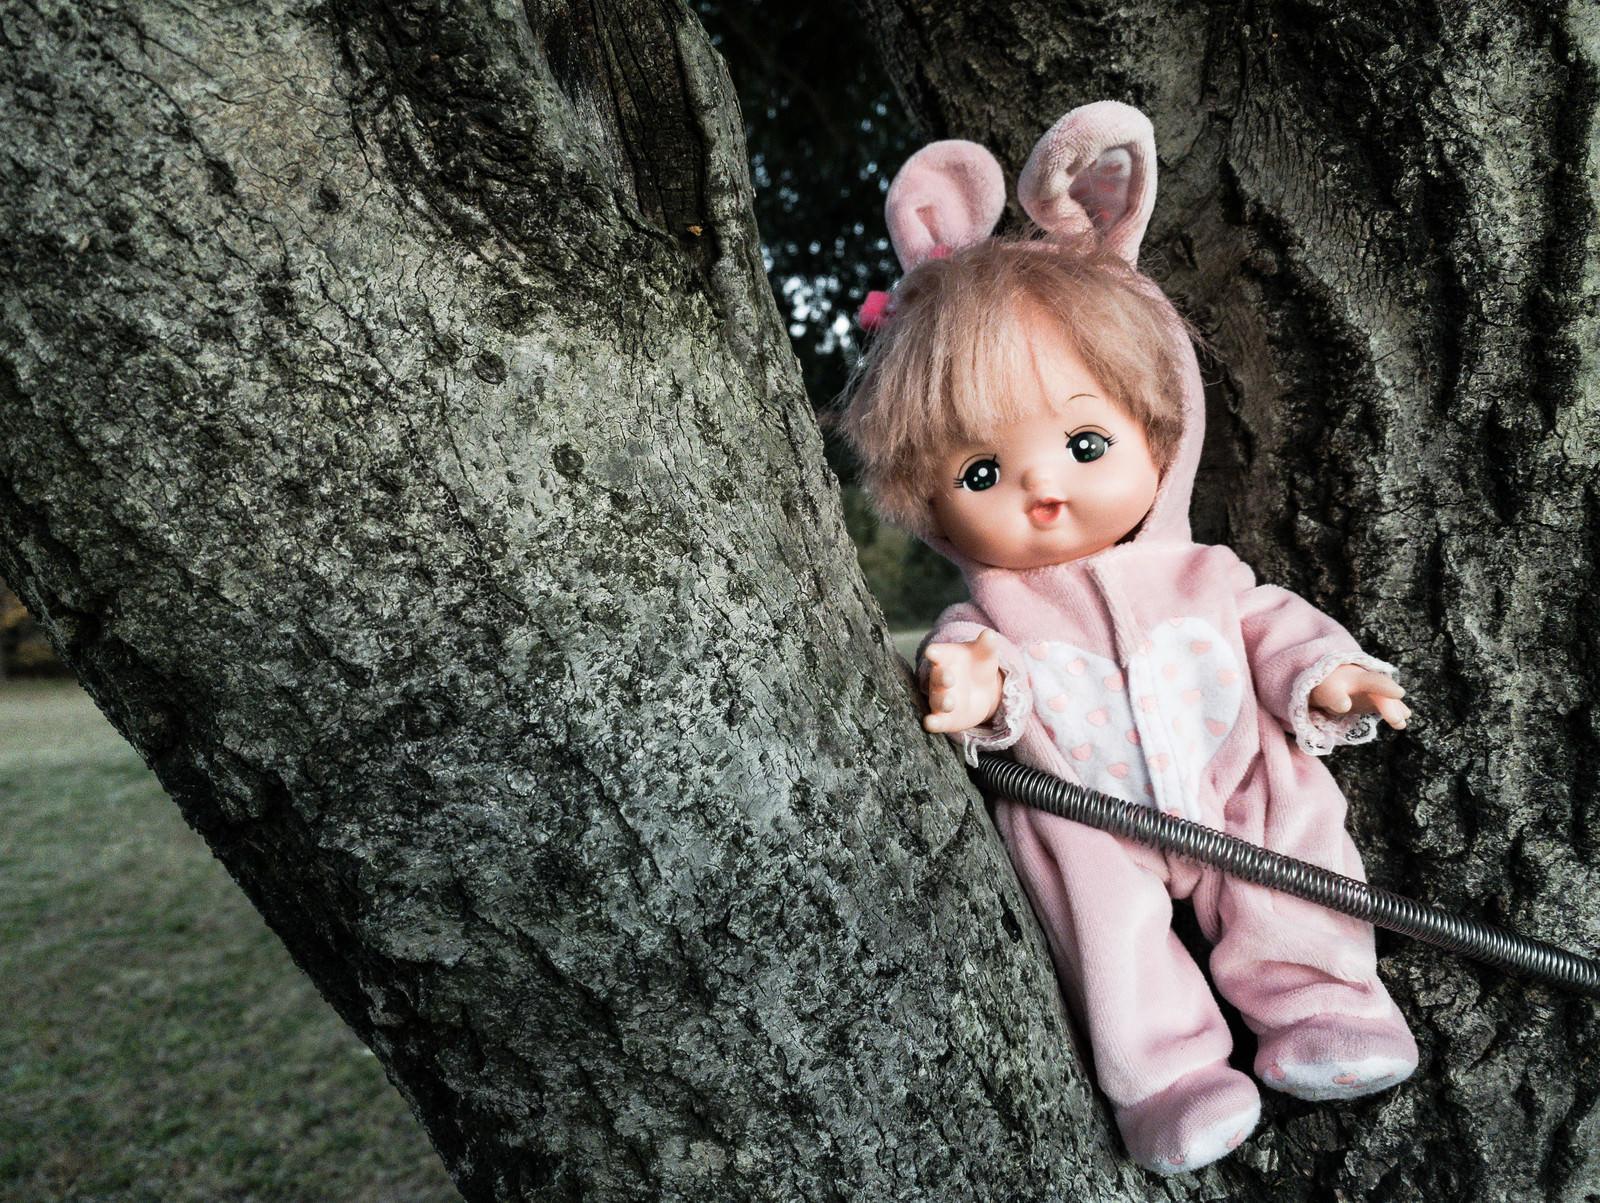 「子供が落とした人形」の写真